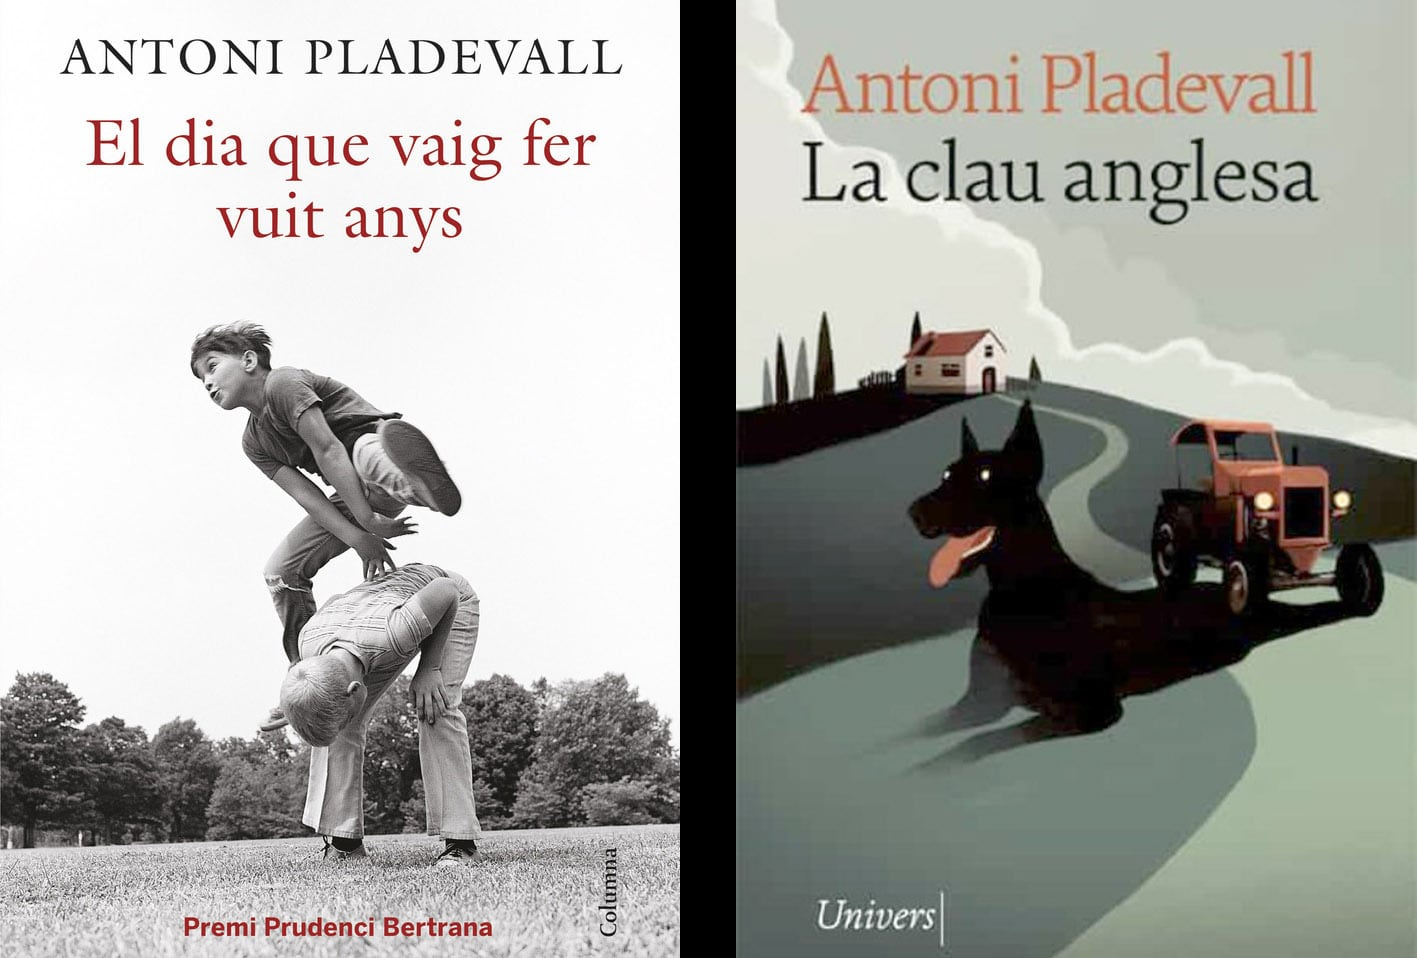 Els llibres d'Antoni Pladevall El dia que vaig fer vuit anys i La clau anglesa.